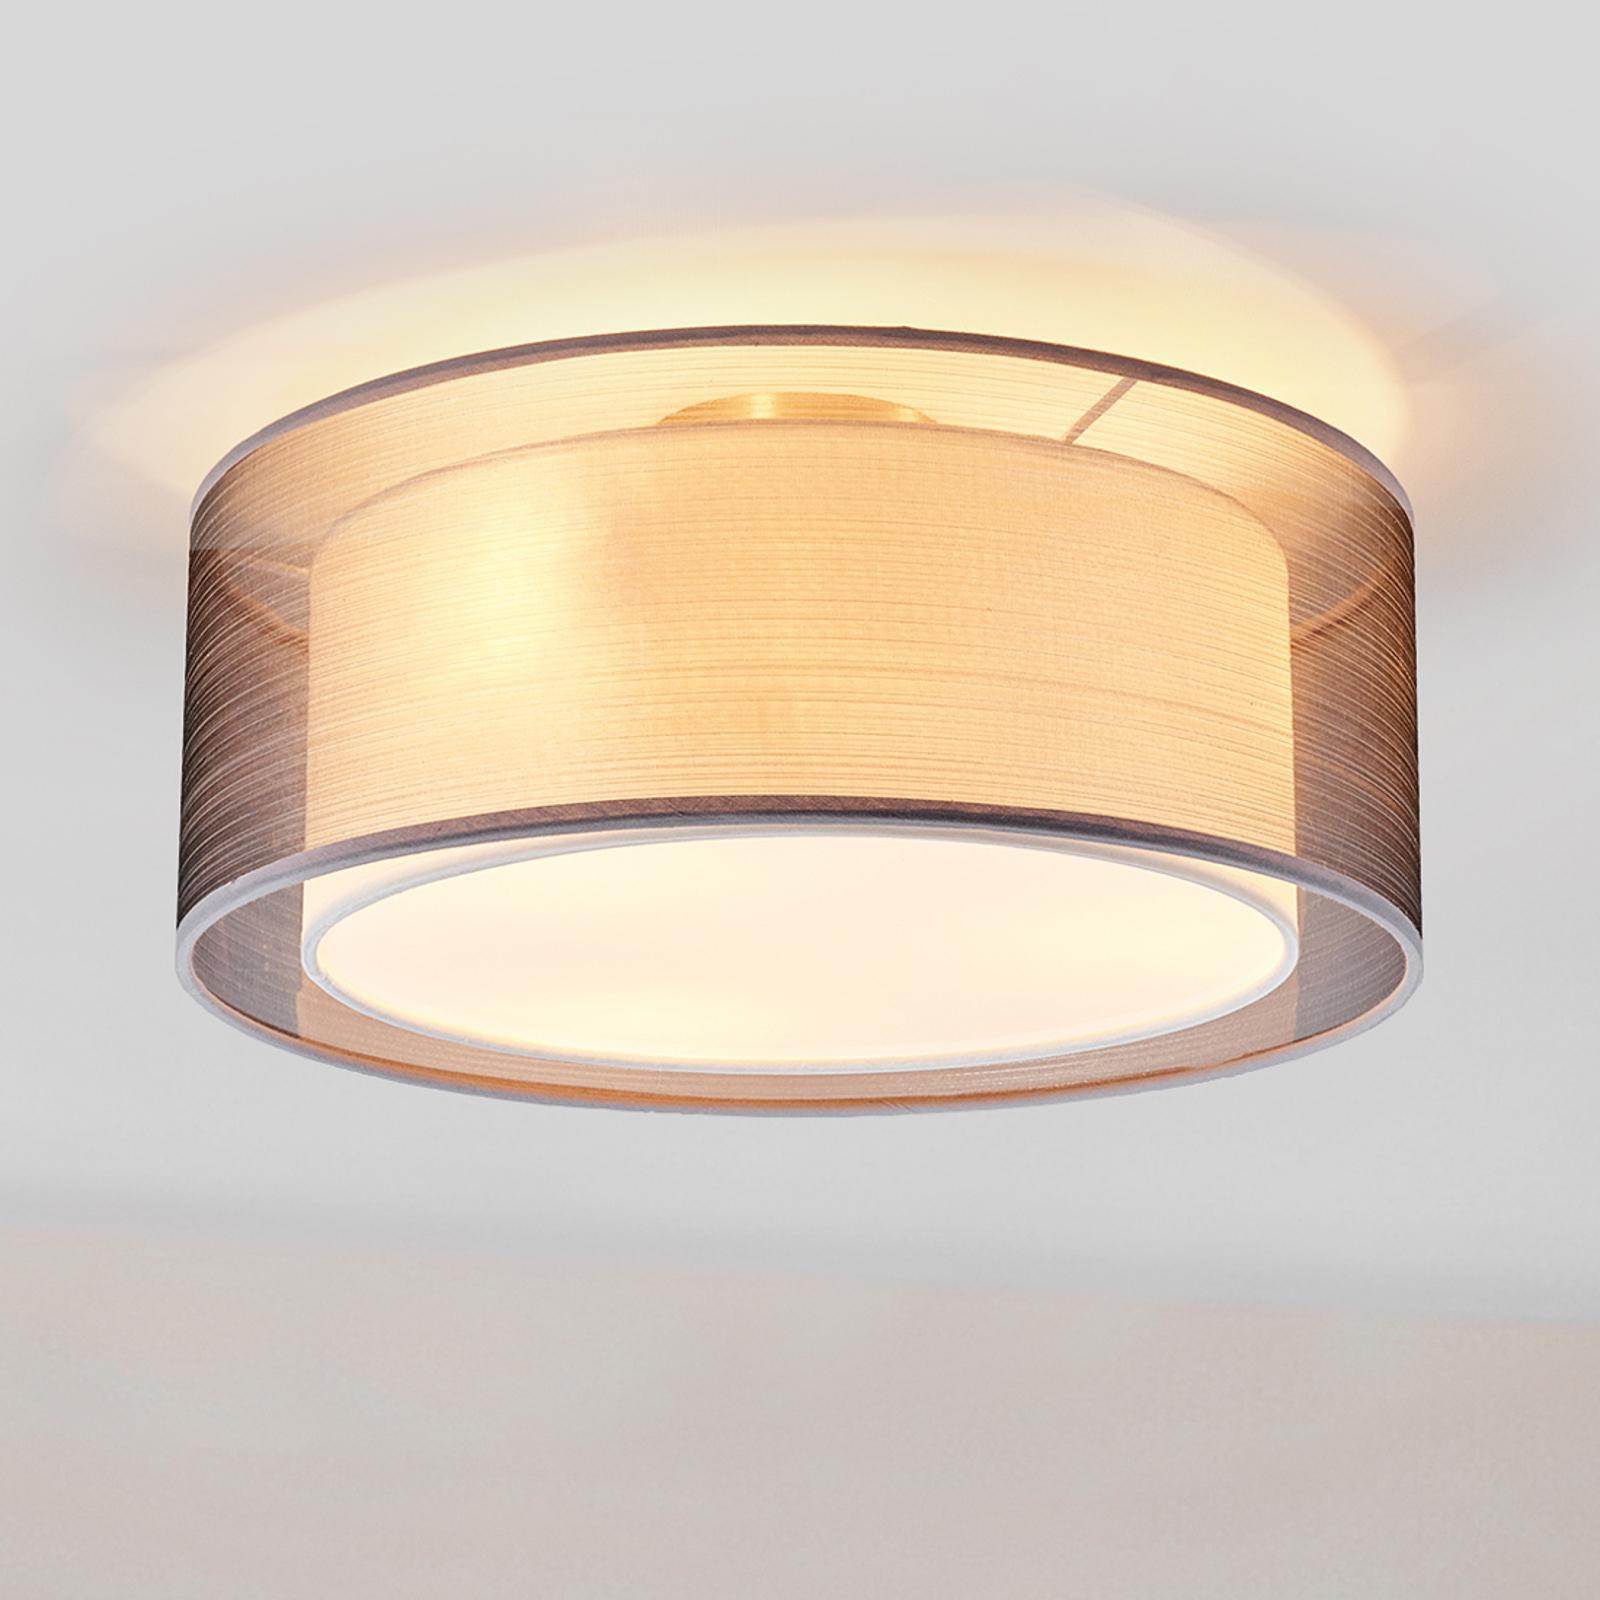 Stof loftslampen Nica i grå